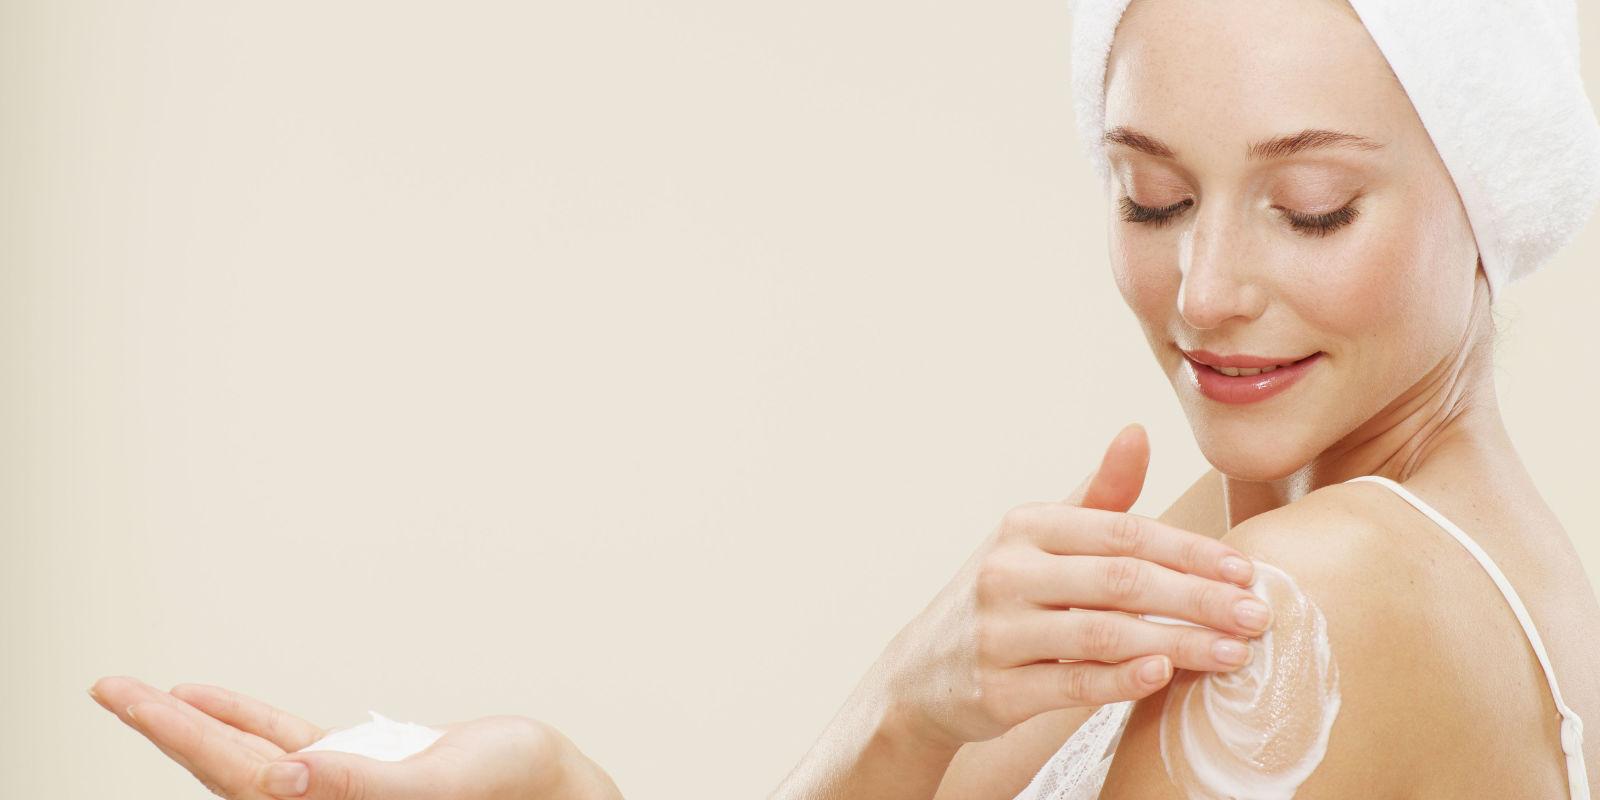 Nên sử dụng ngày sau khi tắm, khi da vừa được lau khô và còn đang ẩm để sản phẩm được hấp thu tốt